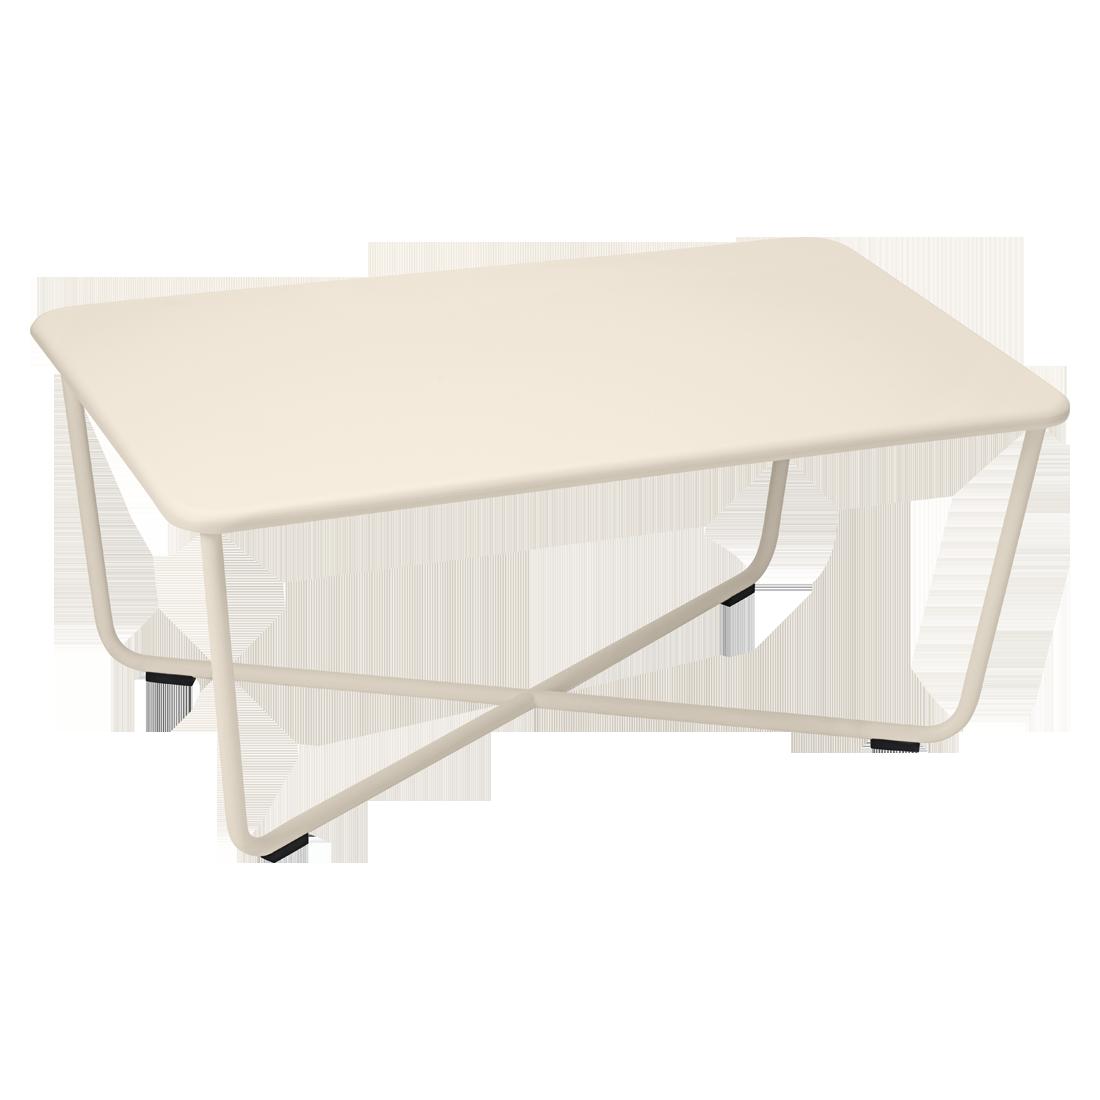 table basse croisette table basse en m tal pour salon de jardin. Black Bedroom Furniture Sets. Home Design Ideas